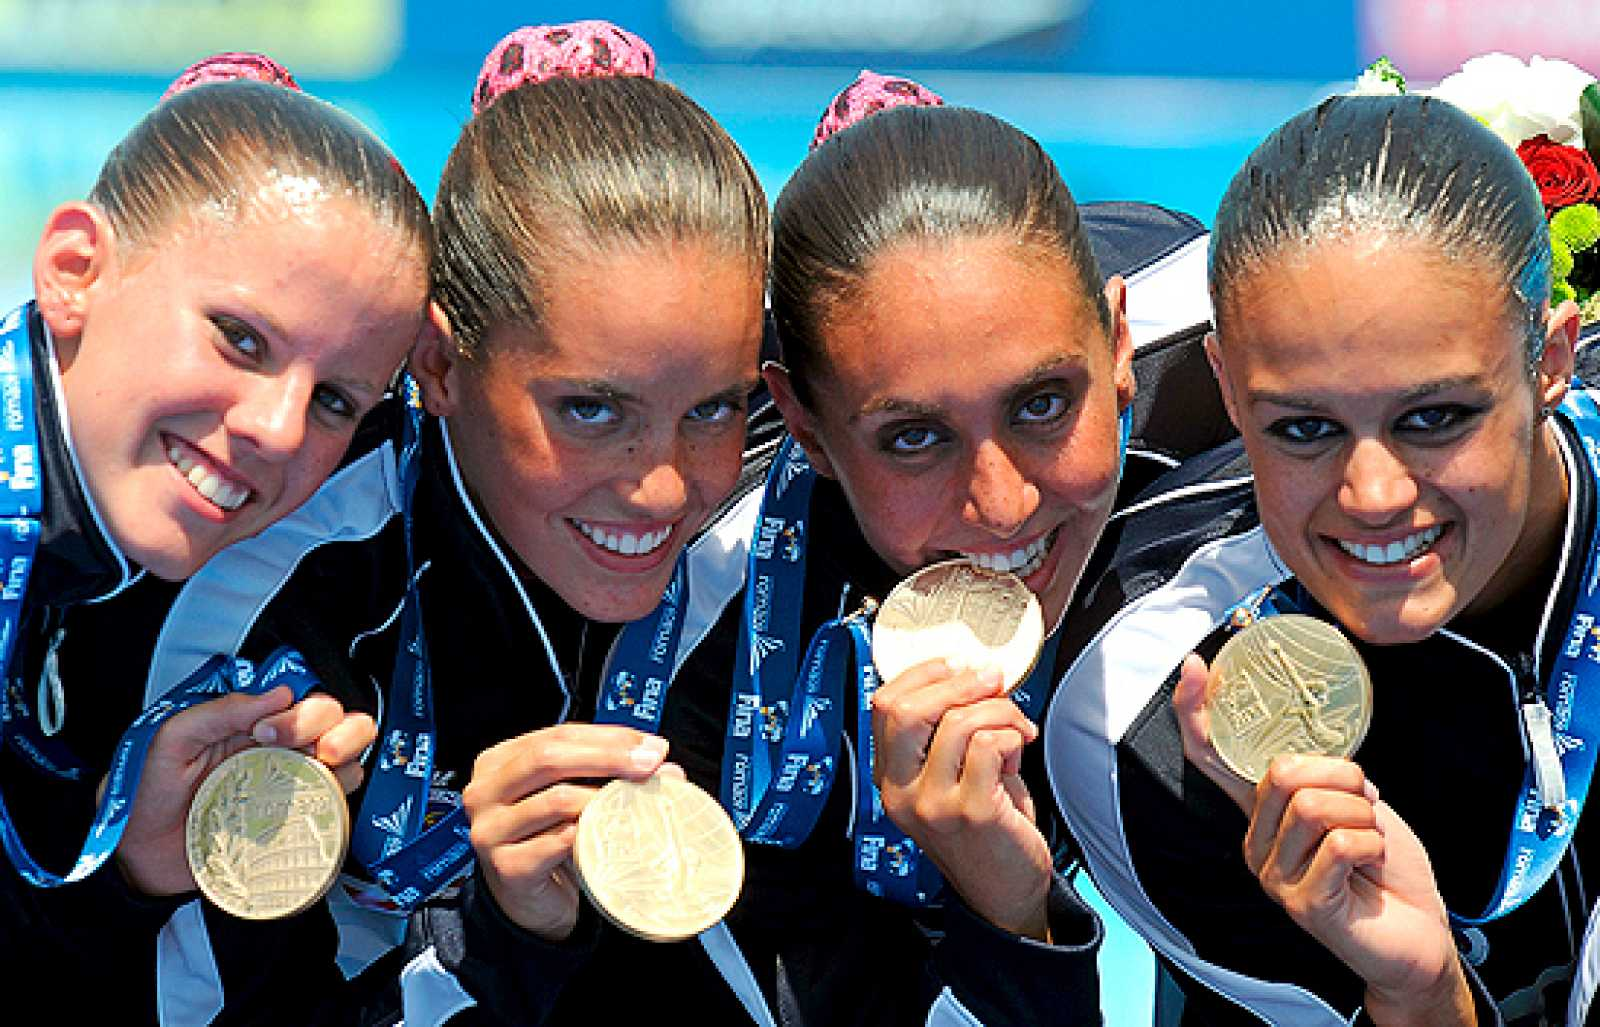 La natación española sincronizada ha logrado su primera medalla de oro en unos mundiales. Ha sido en el ejercicio de rutina libre combinada.